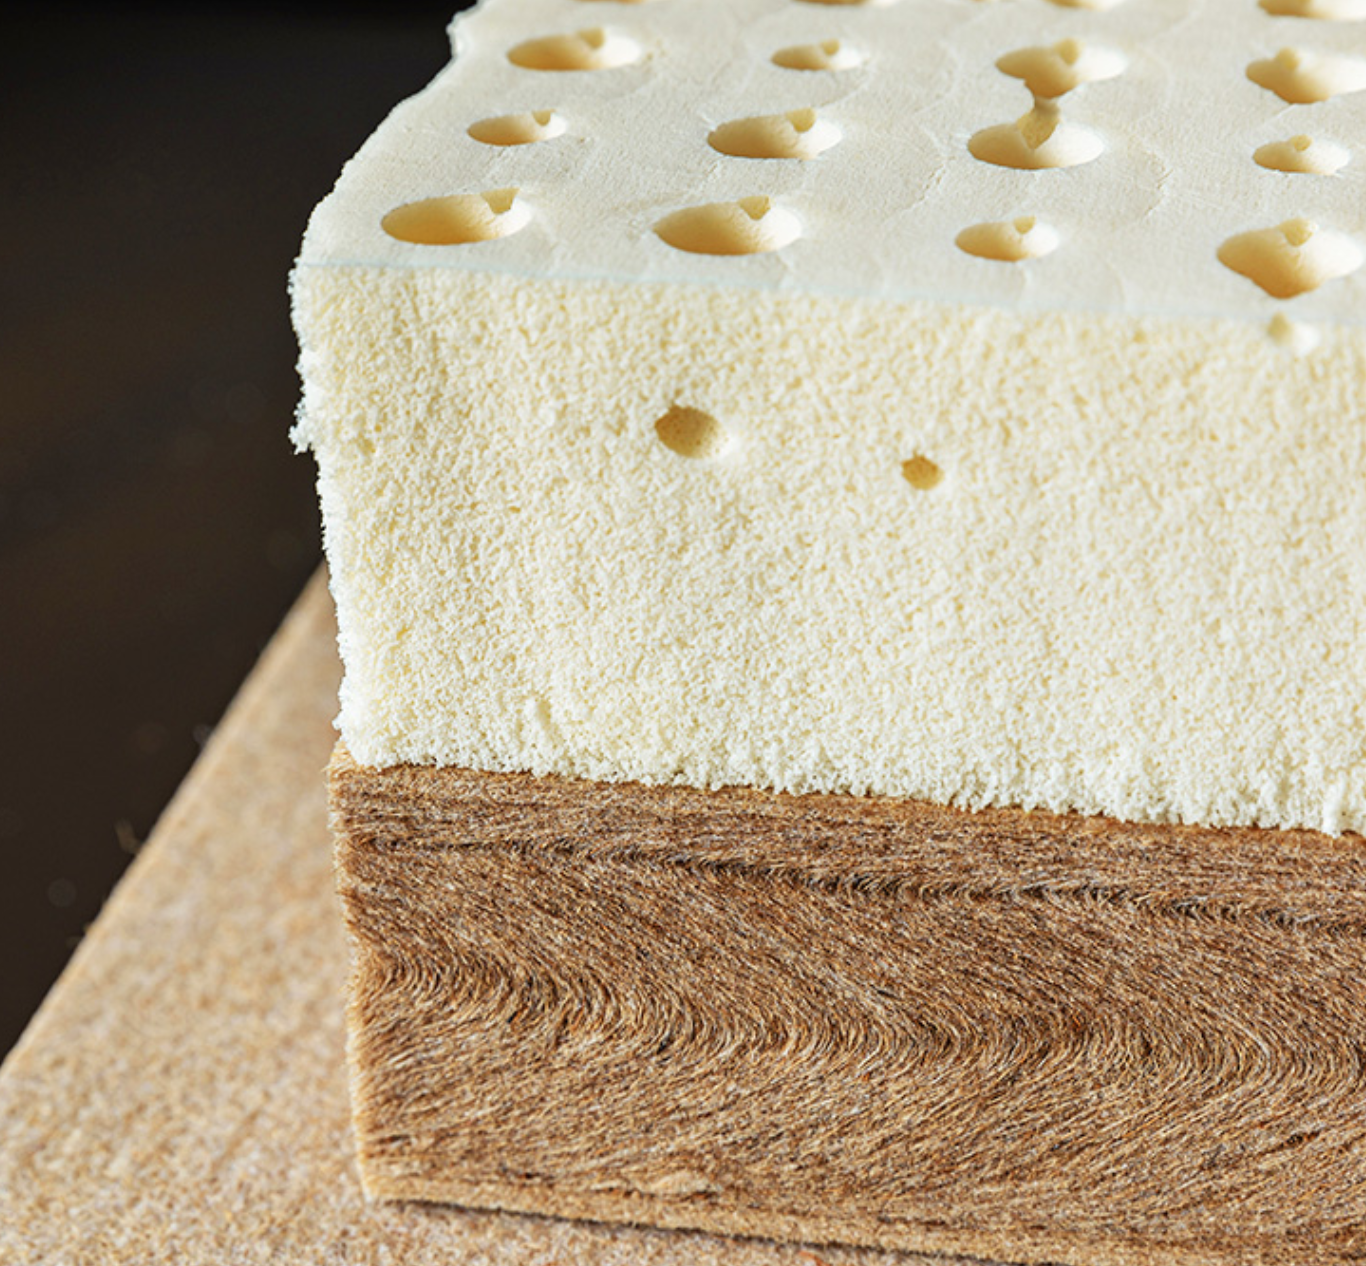 苏老伯精细黄麻床垫 透气导湿还没有甲醛